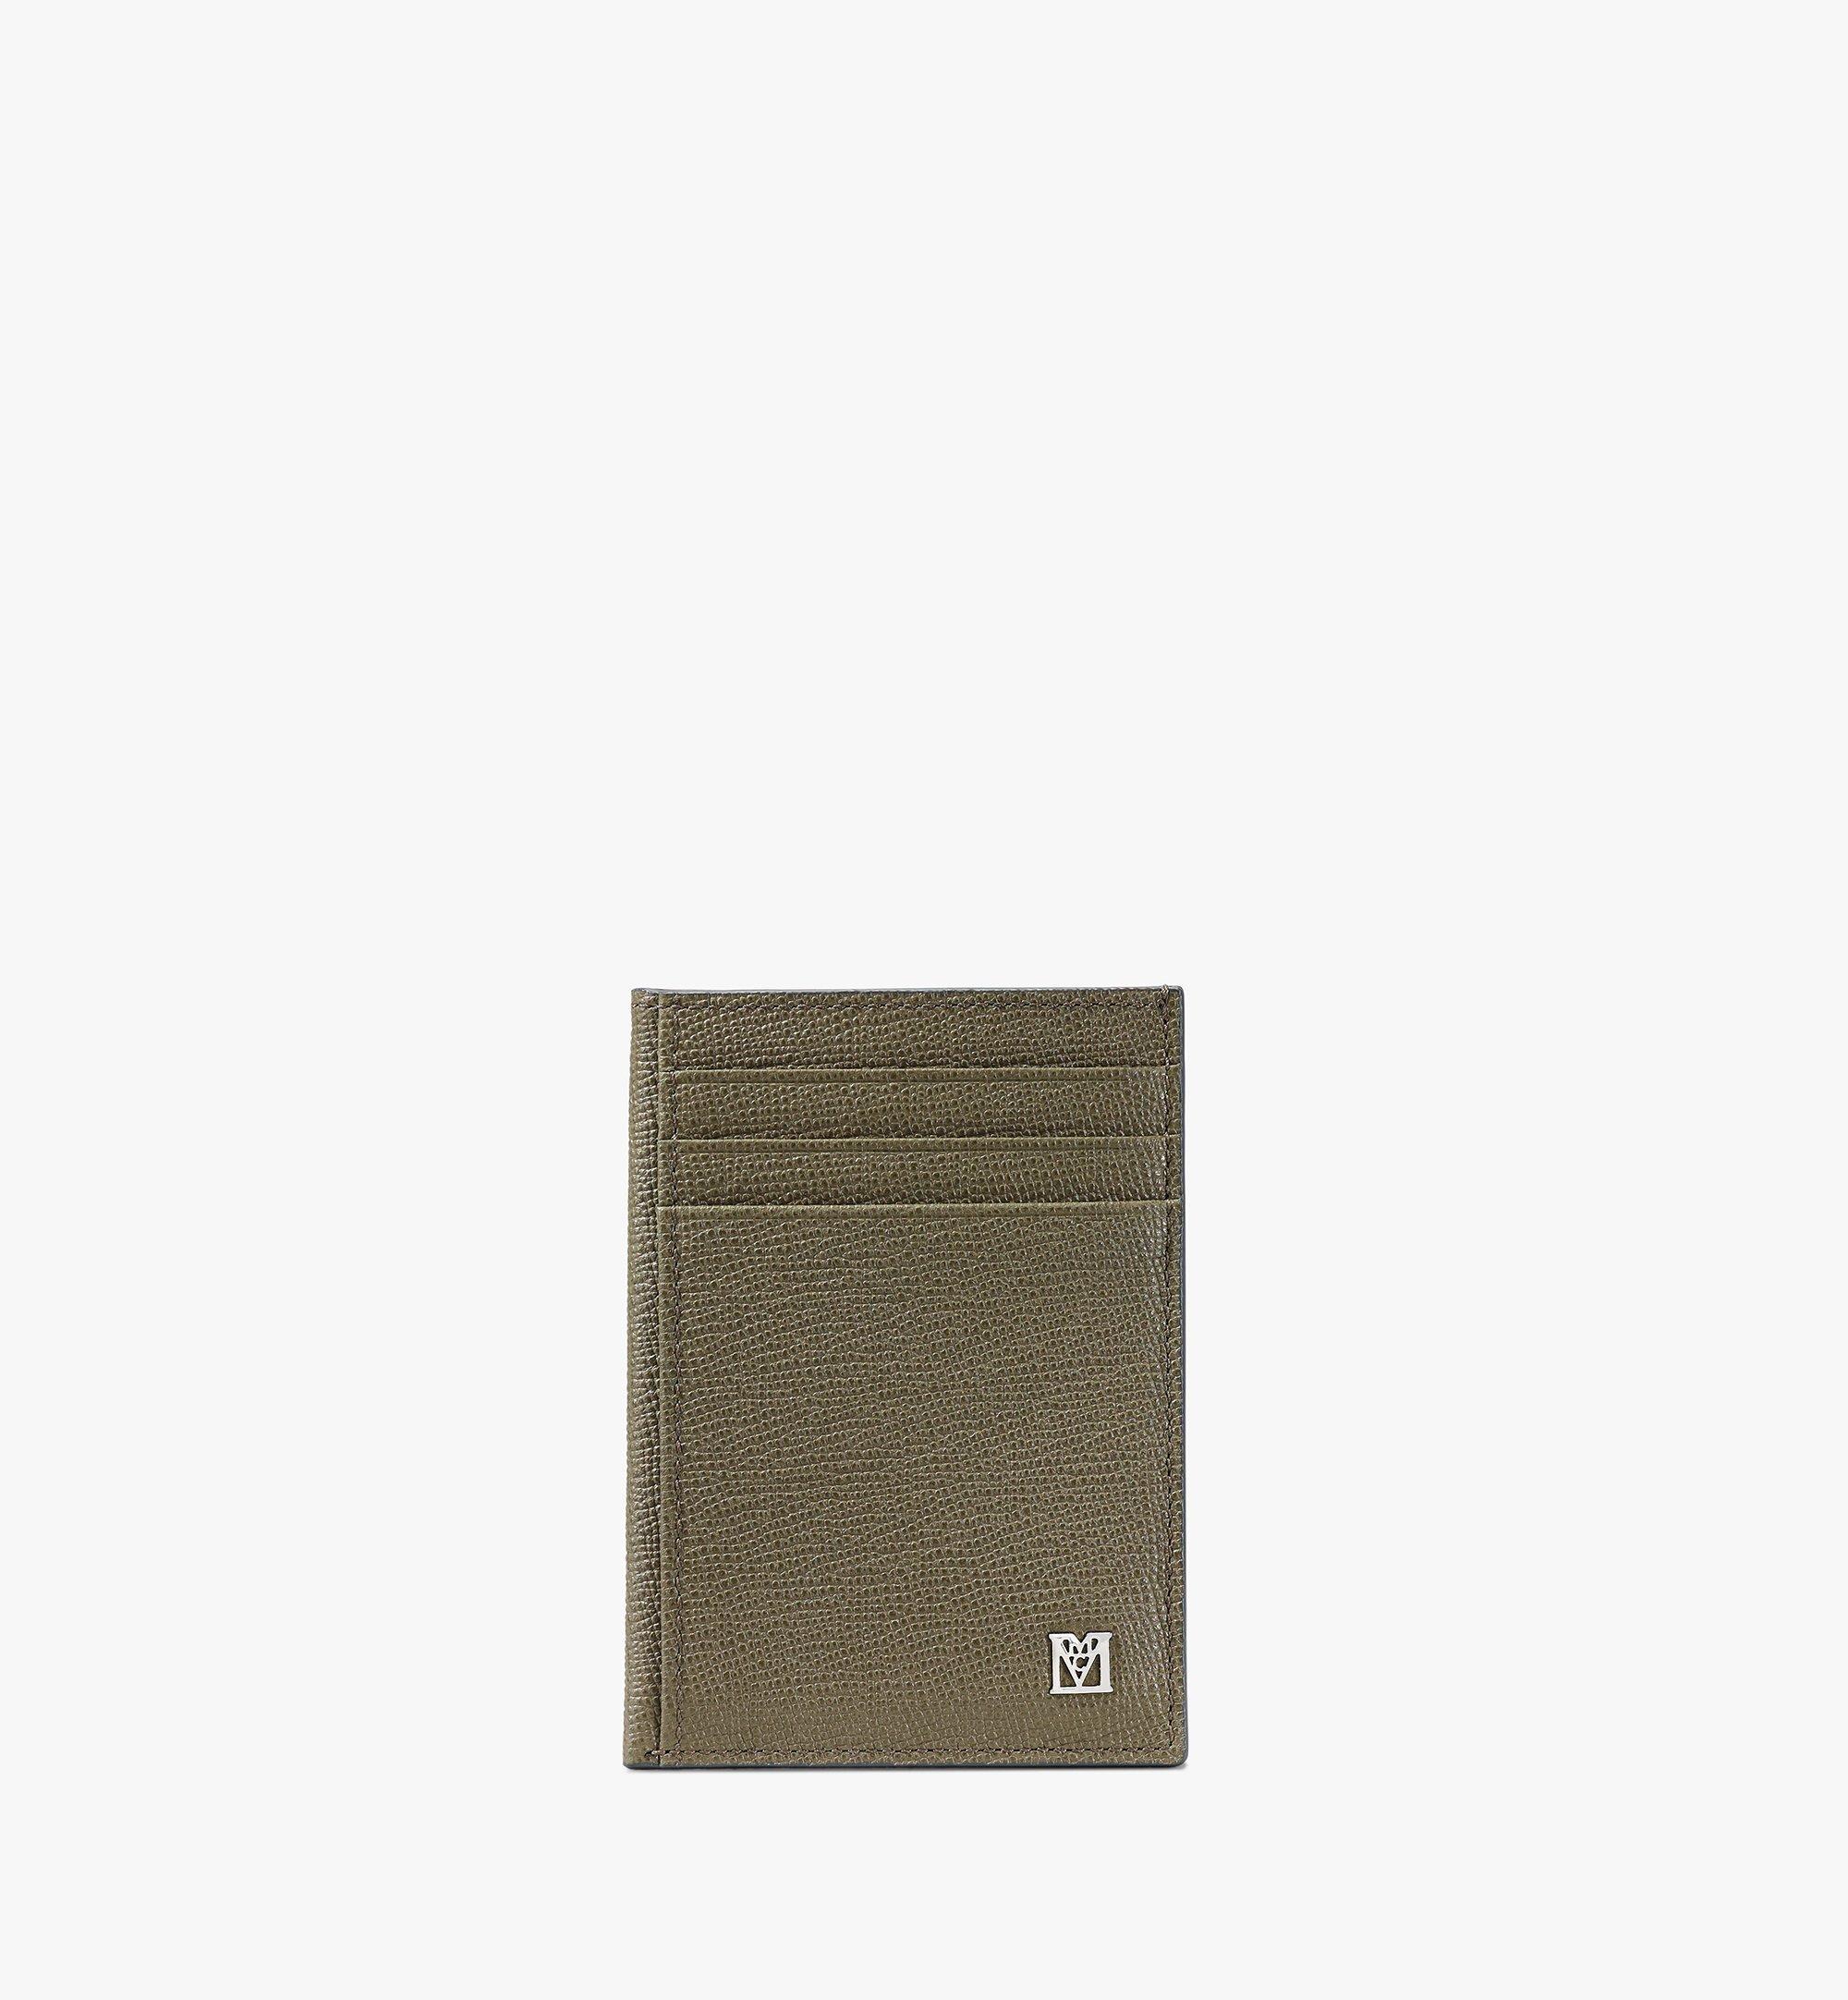 MCM 〈メーナ〉N/S カードケース Green MXAAALM03JH001 ほかの角度から見る 1